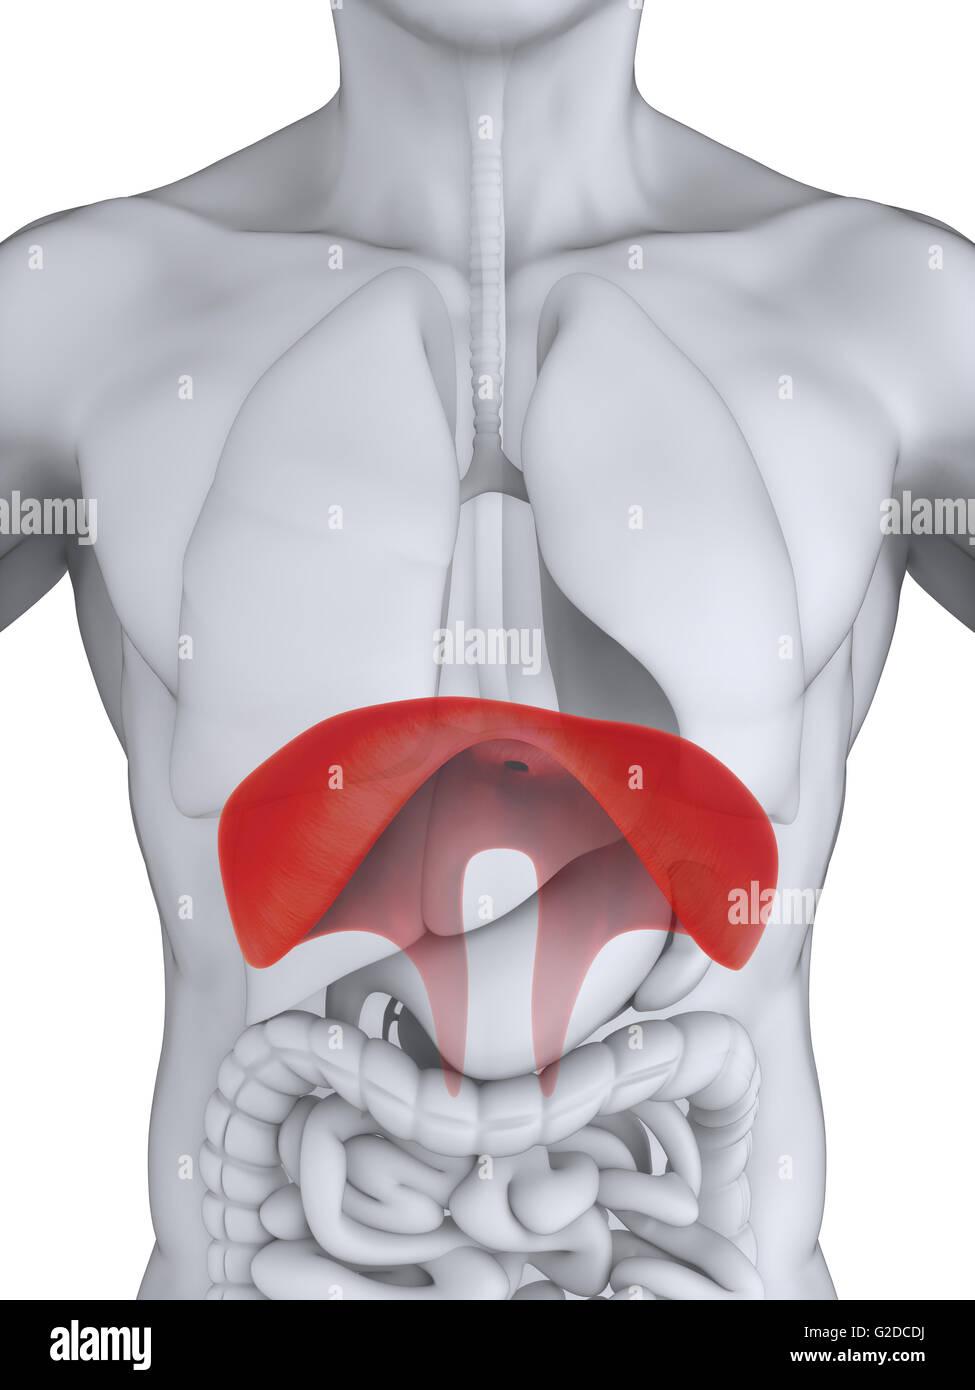 Human Diaphragm Anatomy Stock Photo 104786686 Alamy